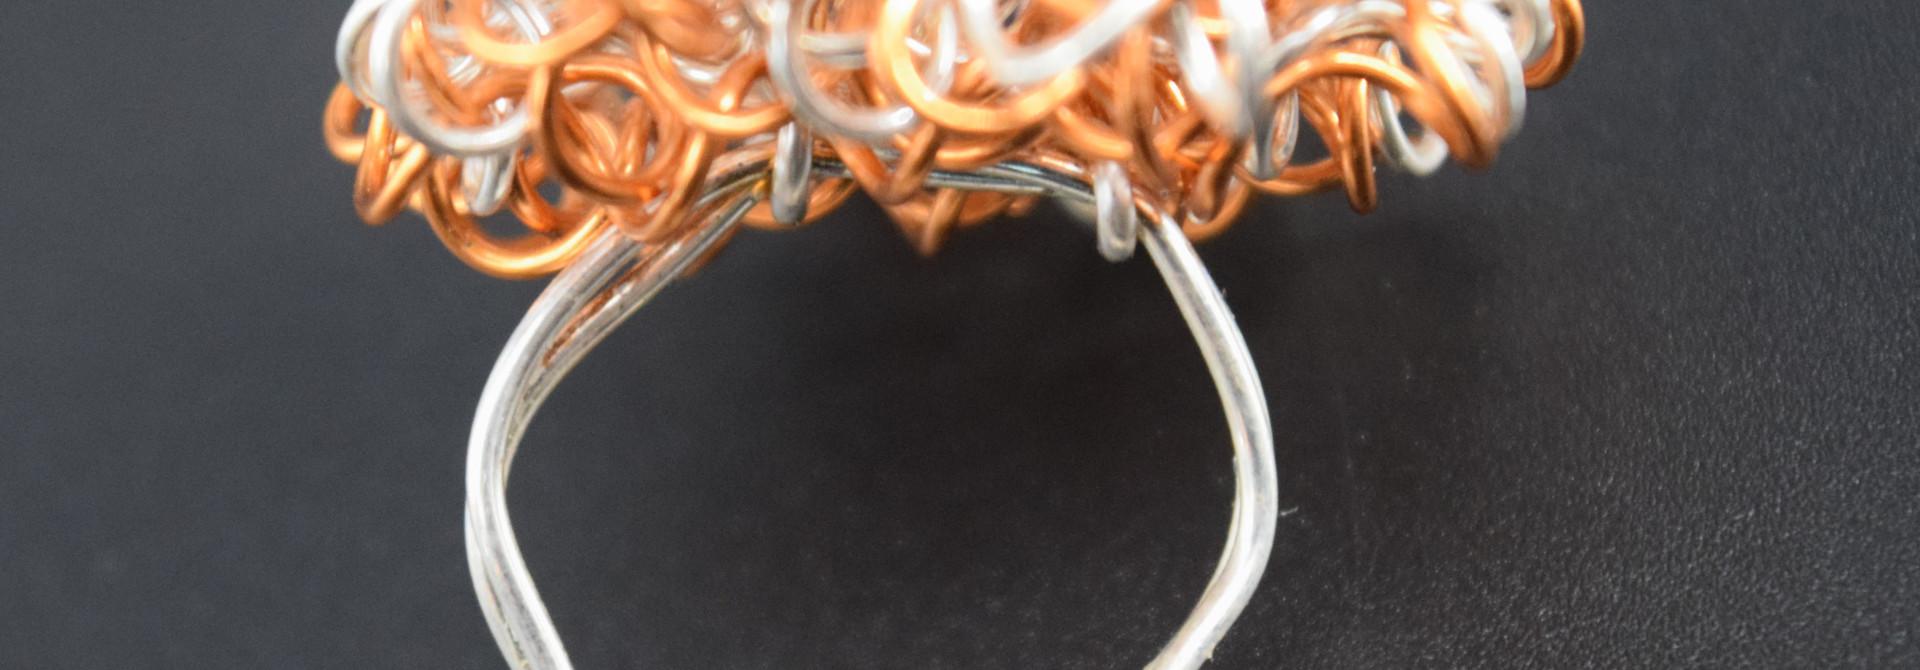 Springerlee Ring